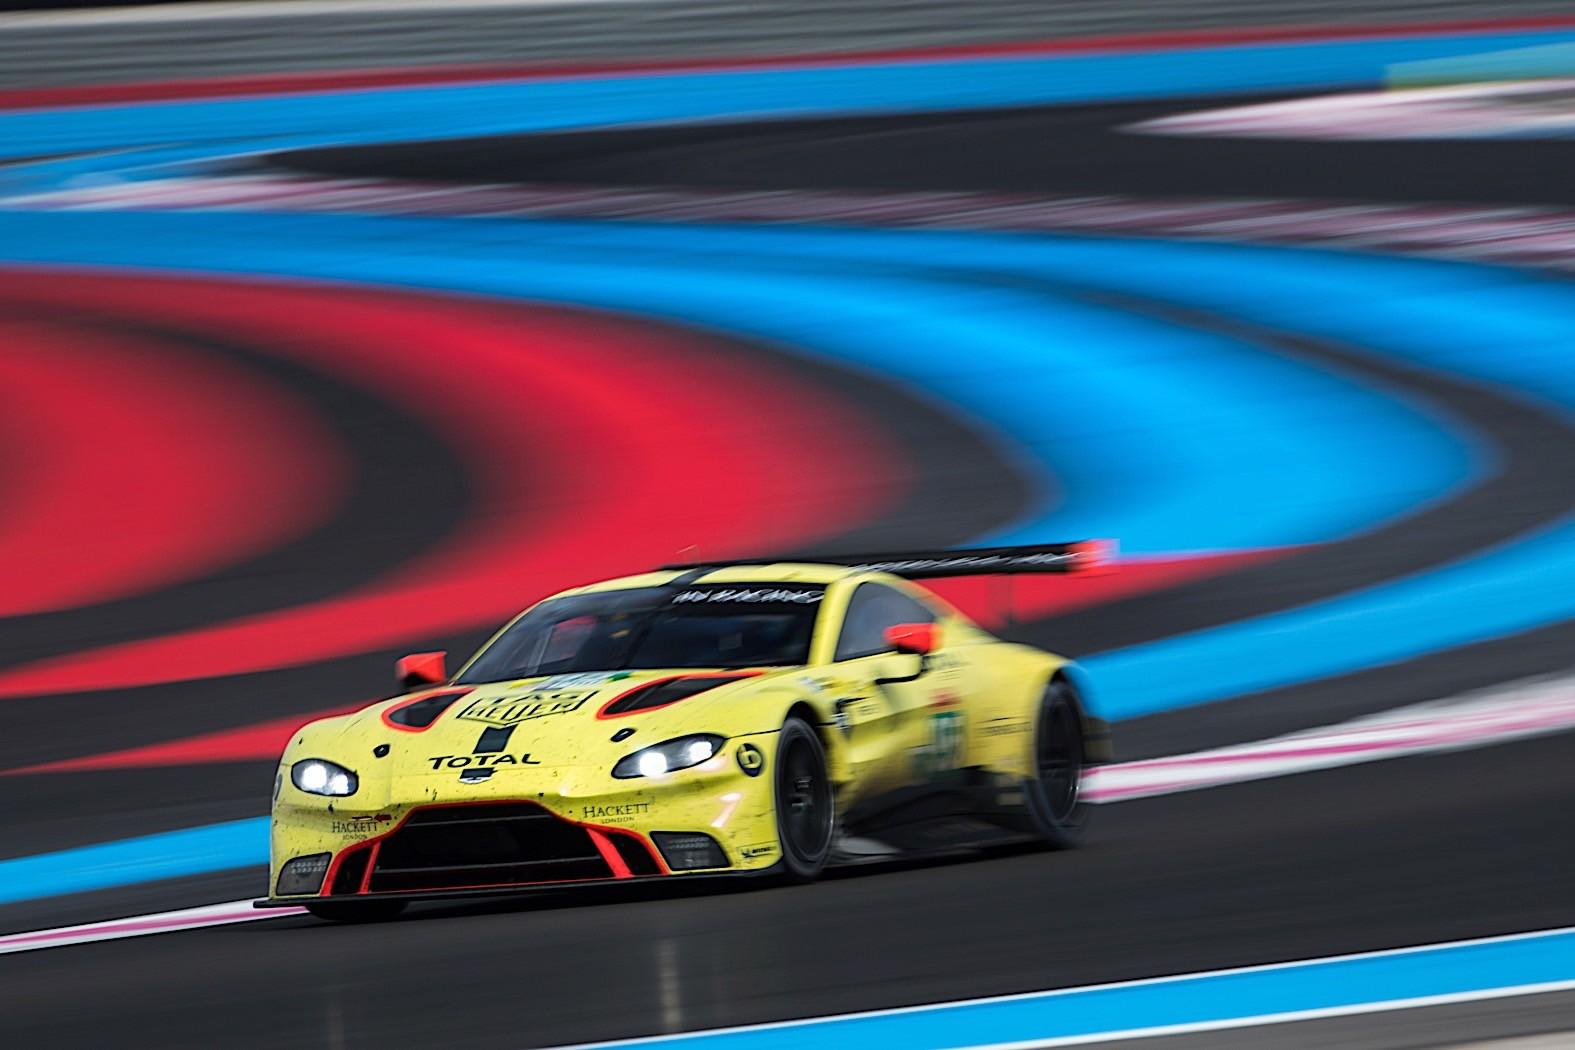 2019 Aston Martin Vantage Gt3 Gt4 Look Intent On Winning Races